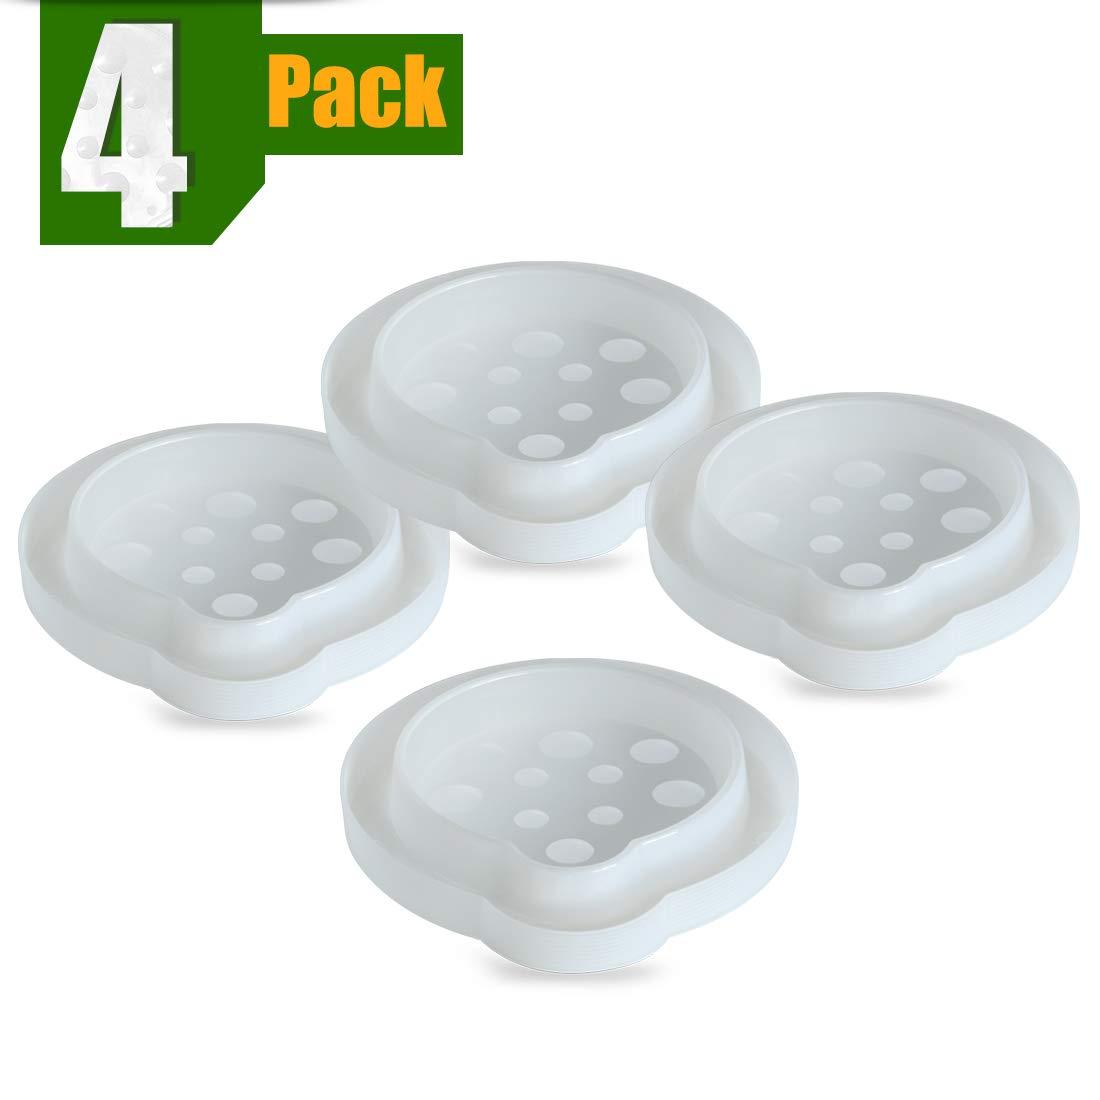 Aspectek Bed Bug Trap and Interceptor, Pack of 4 HR293111